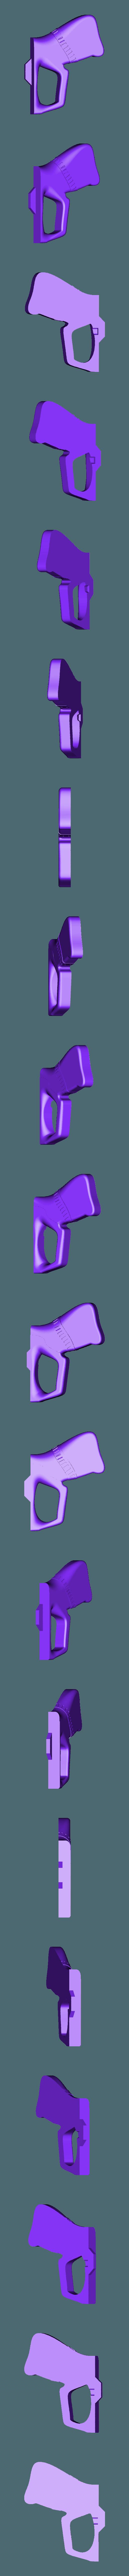 Handle_Right.stl Télécharger fichier STL gratuit Borderlands Bandit Room Clener Shotgun • Modèle pour impression 3D, Dsk